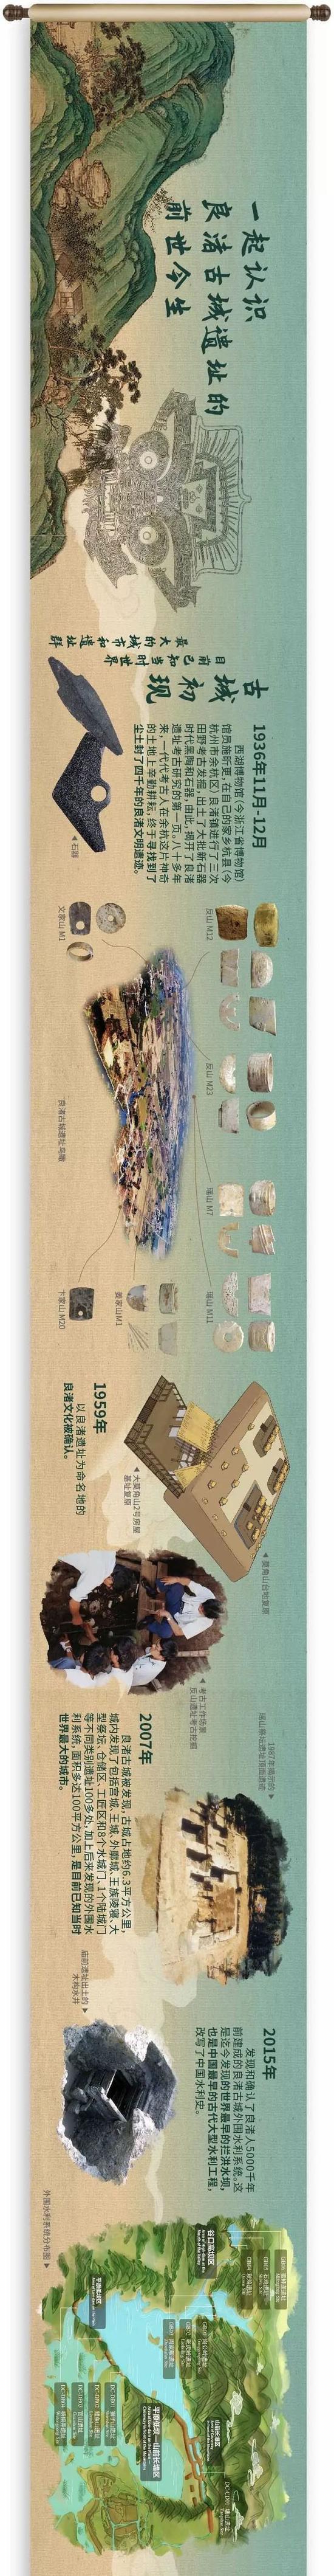 中华五千年文明的伟大实证——良渚古城遗址申遗成功